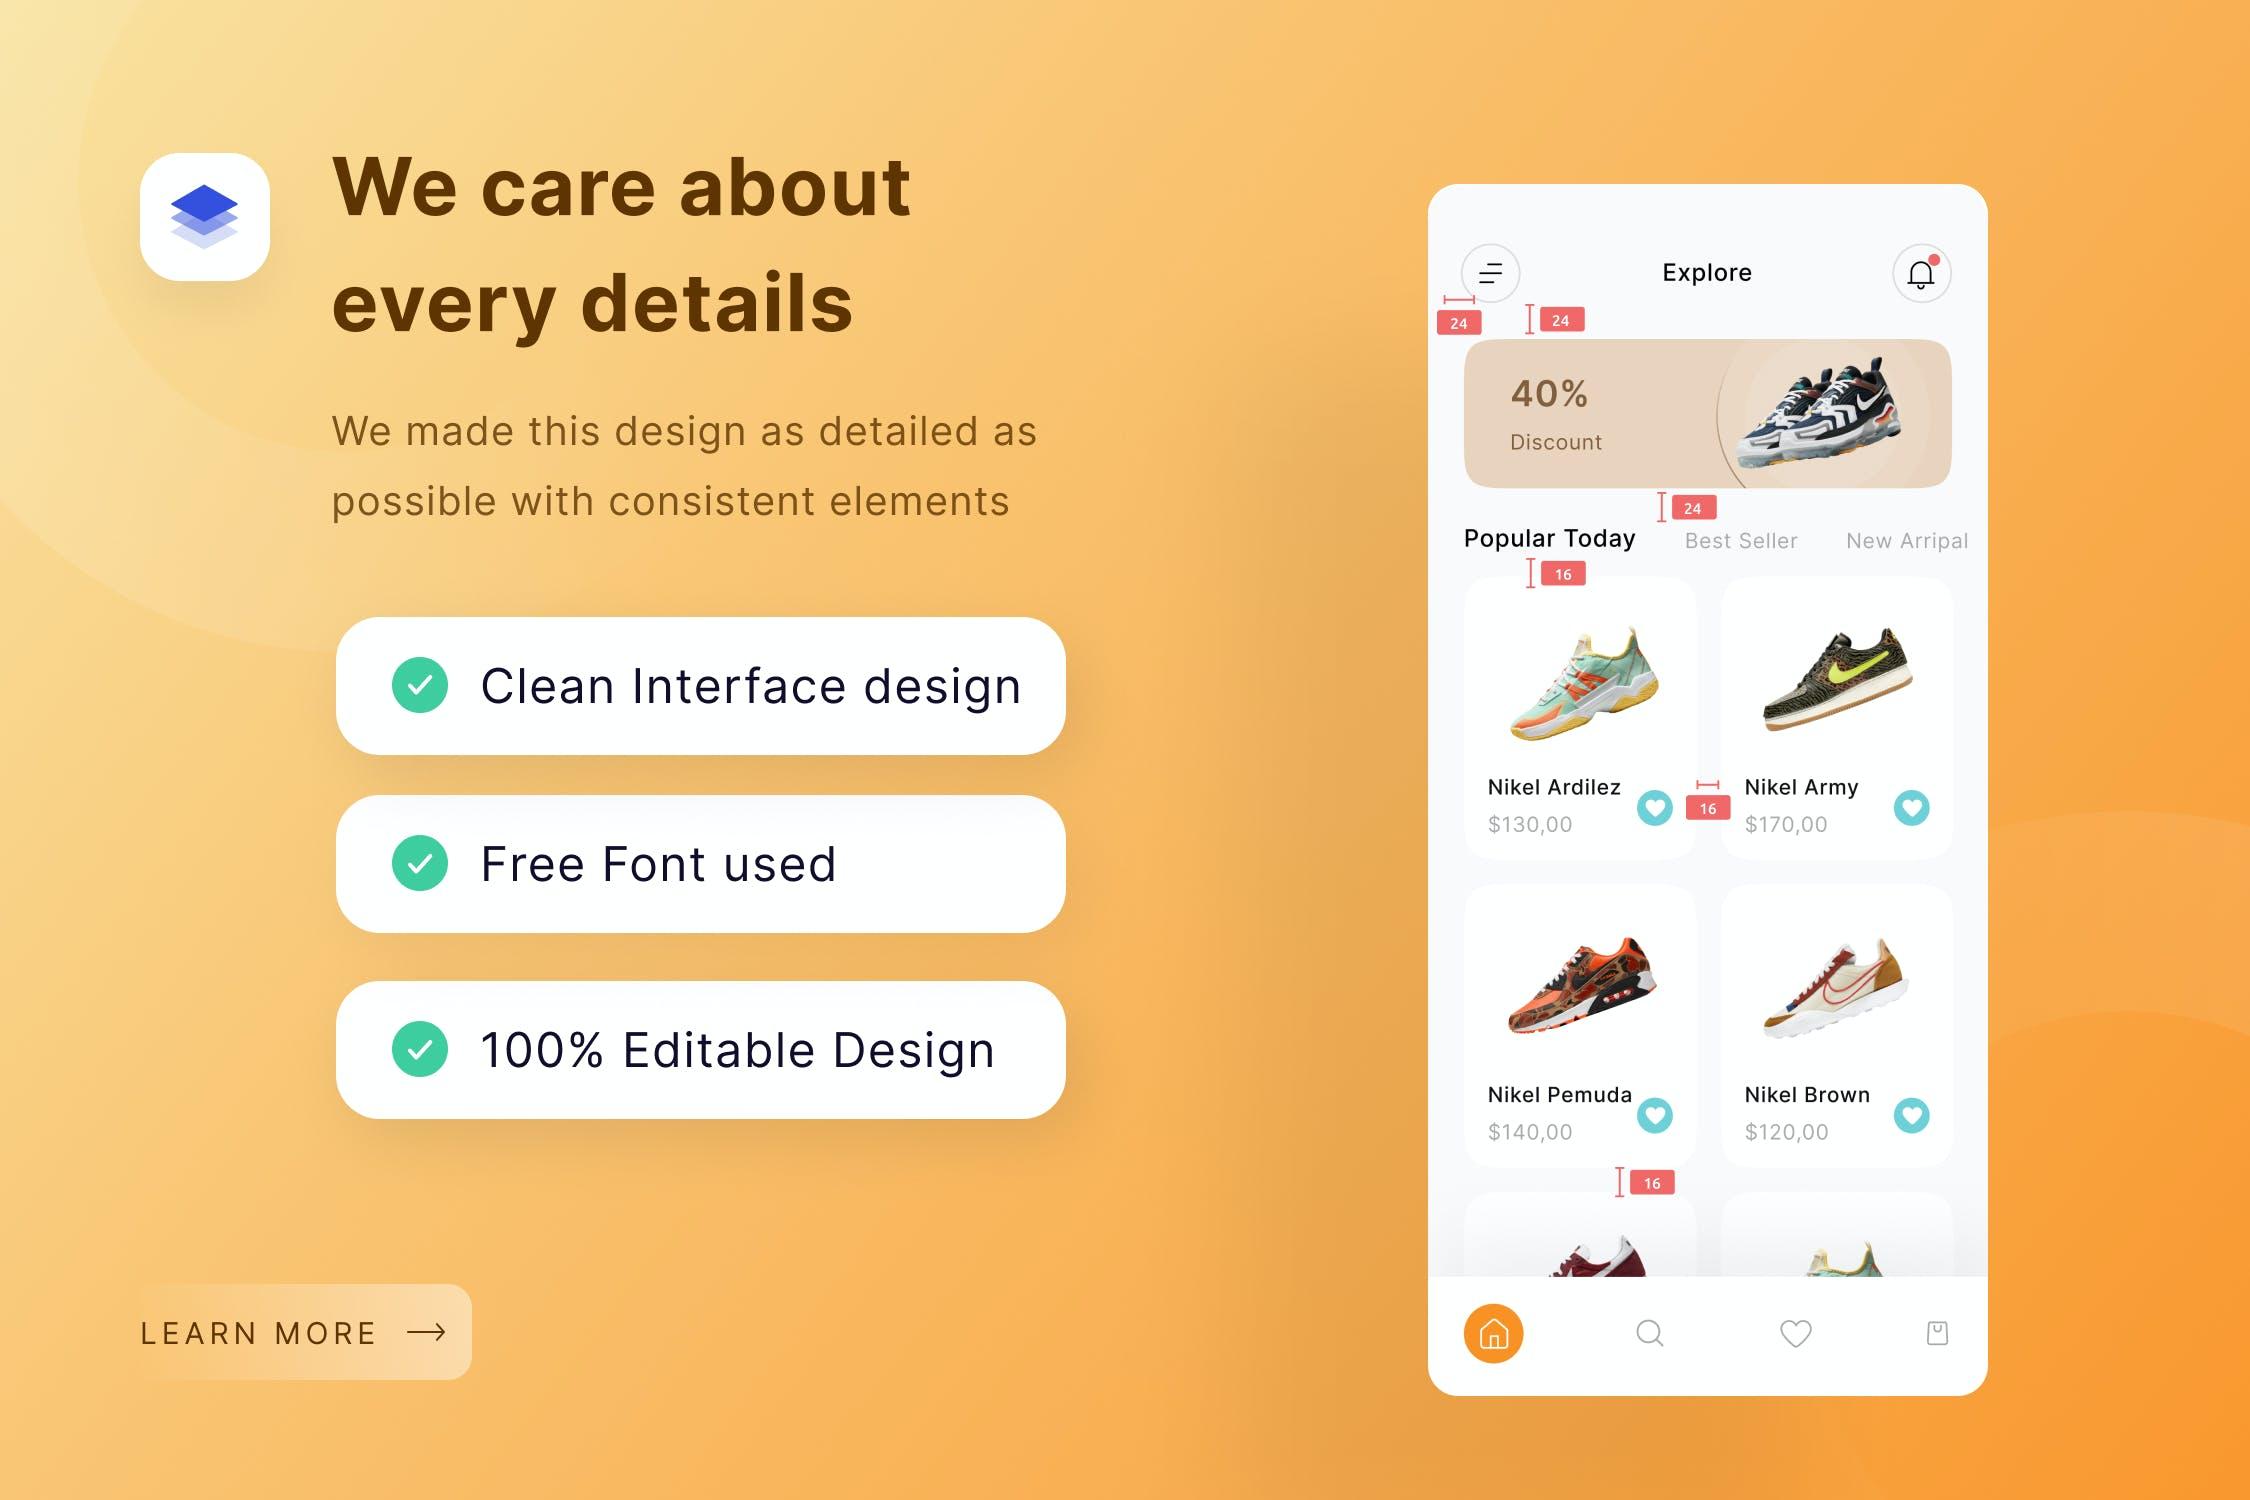 消费生活购物产品设计鞋子电商APP UI designshidai_ui194